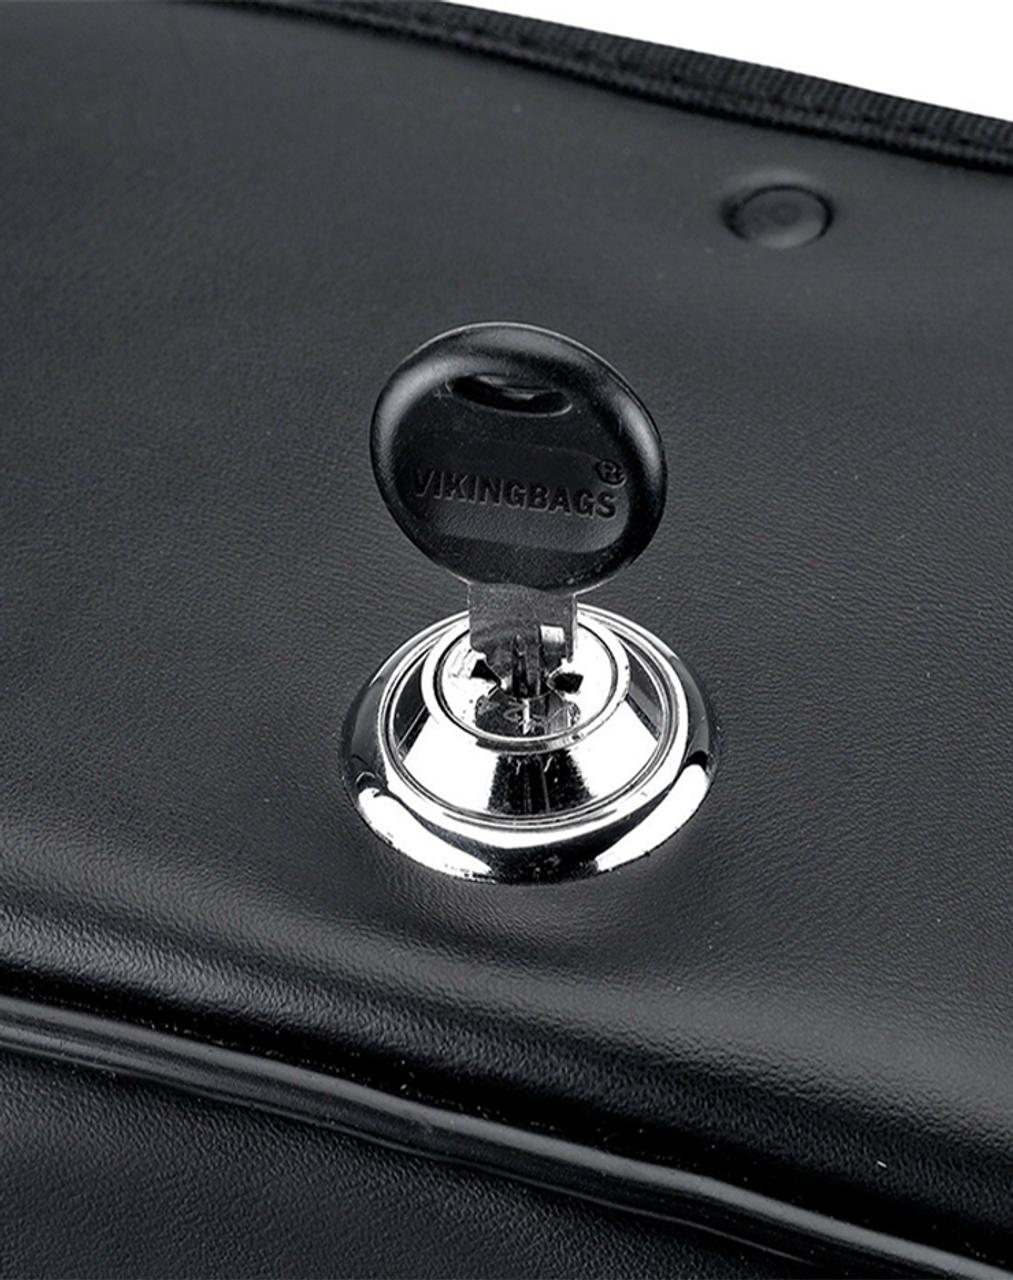 Honda 750 Shadow Phantom Large Shock Cutout Slanted Studded Motorcycle Saddlebags lock key view